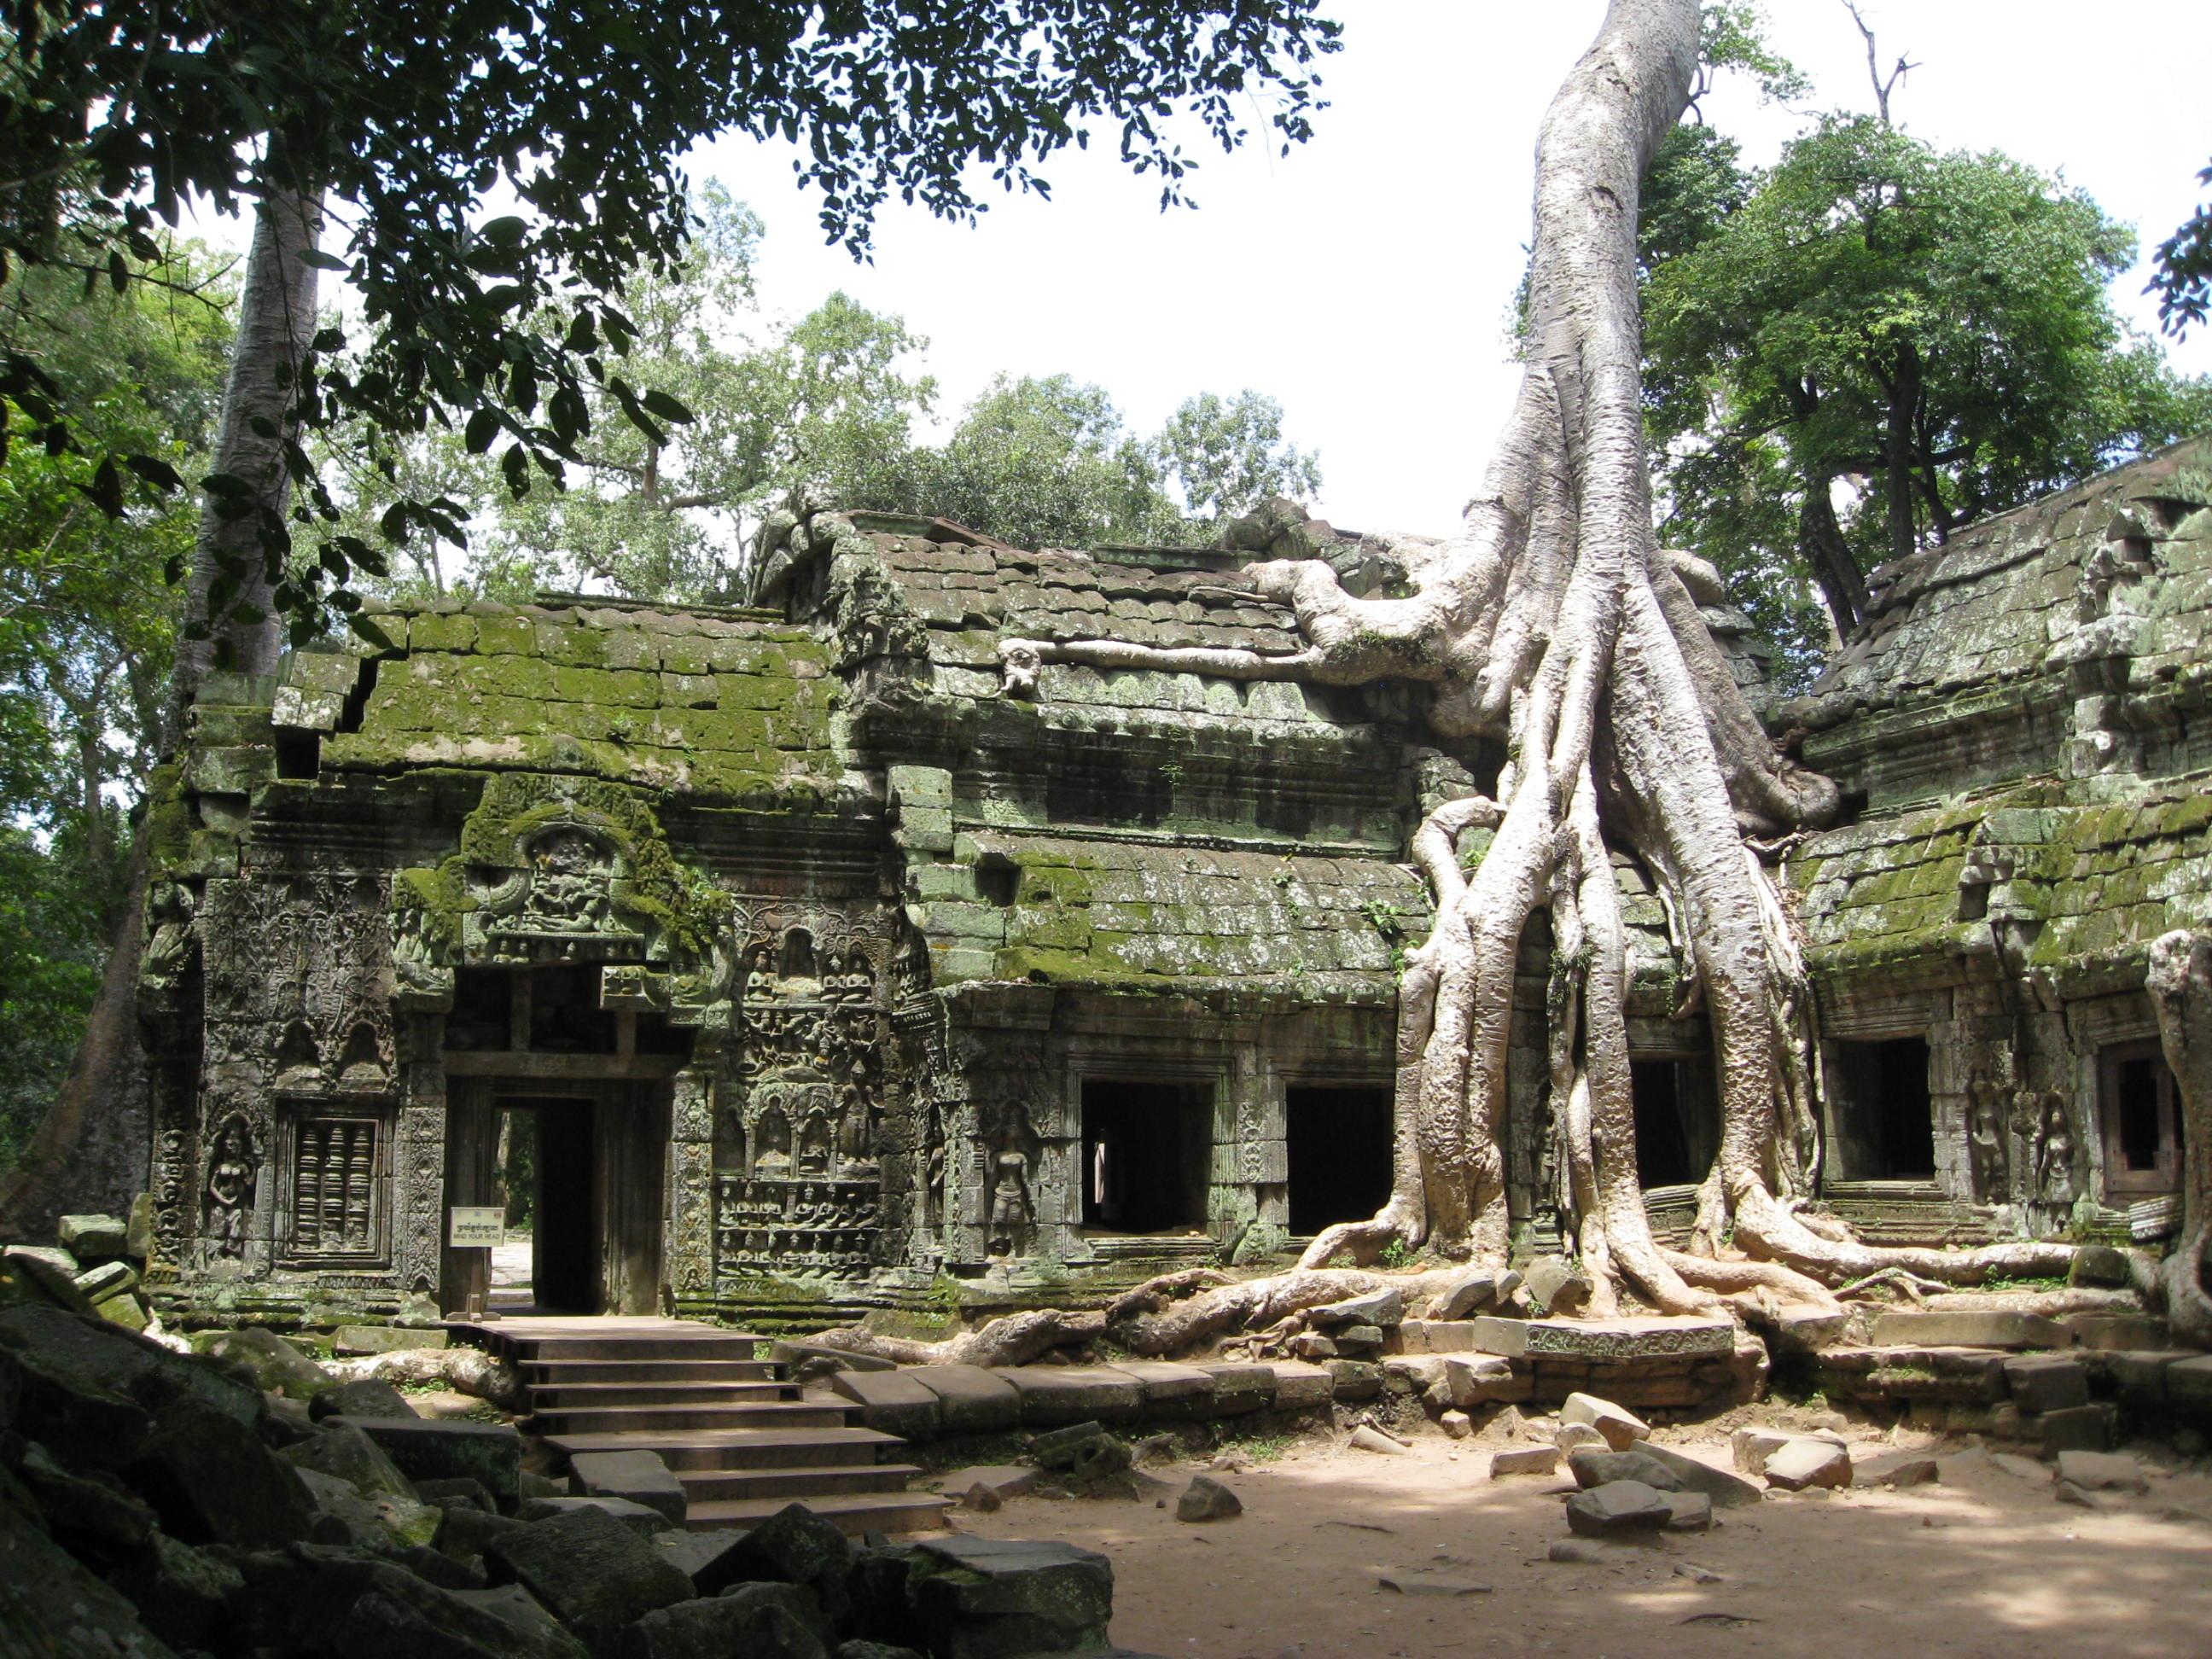 Angkor Wat - Древний Храм Ta Prohm в Камбодже!